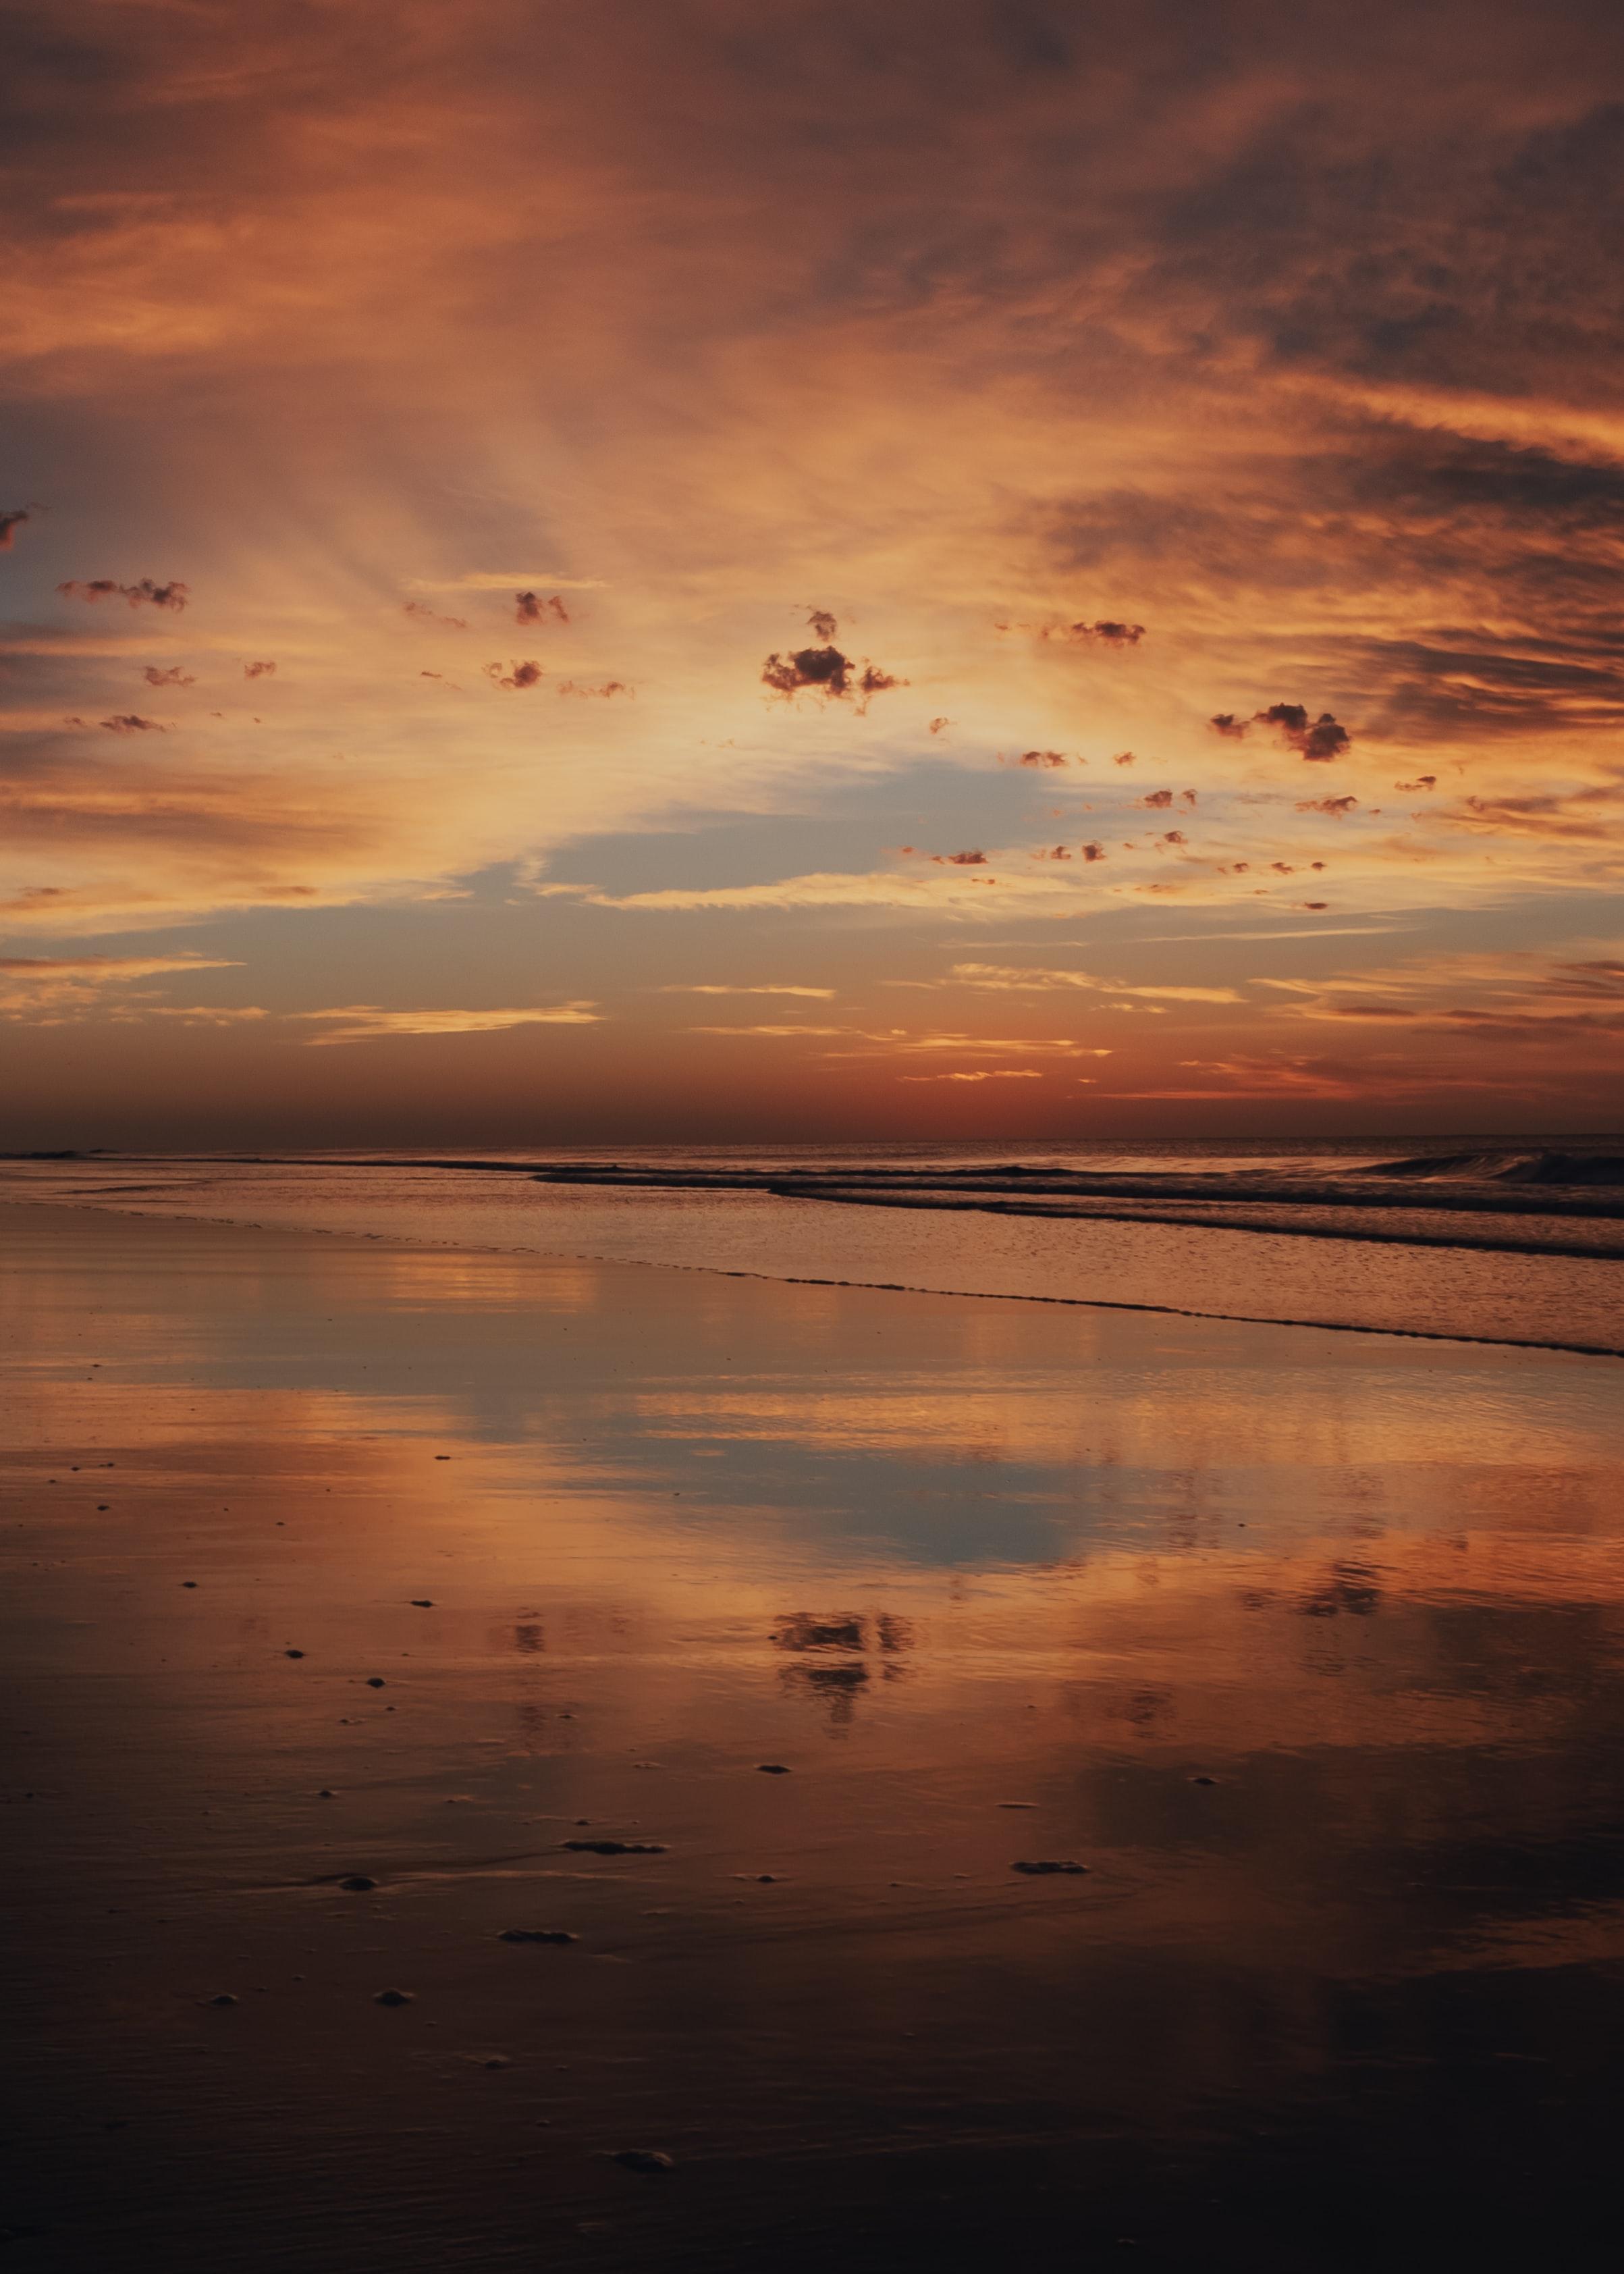 52182 скачать обои Природа, Закат, Берег, Вода, Отражение, Пейзаж - заставки и картинки бесплатно